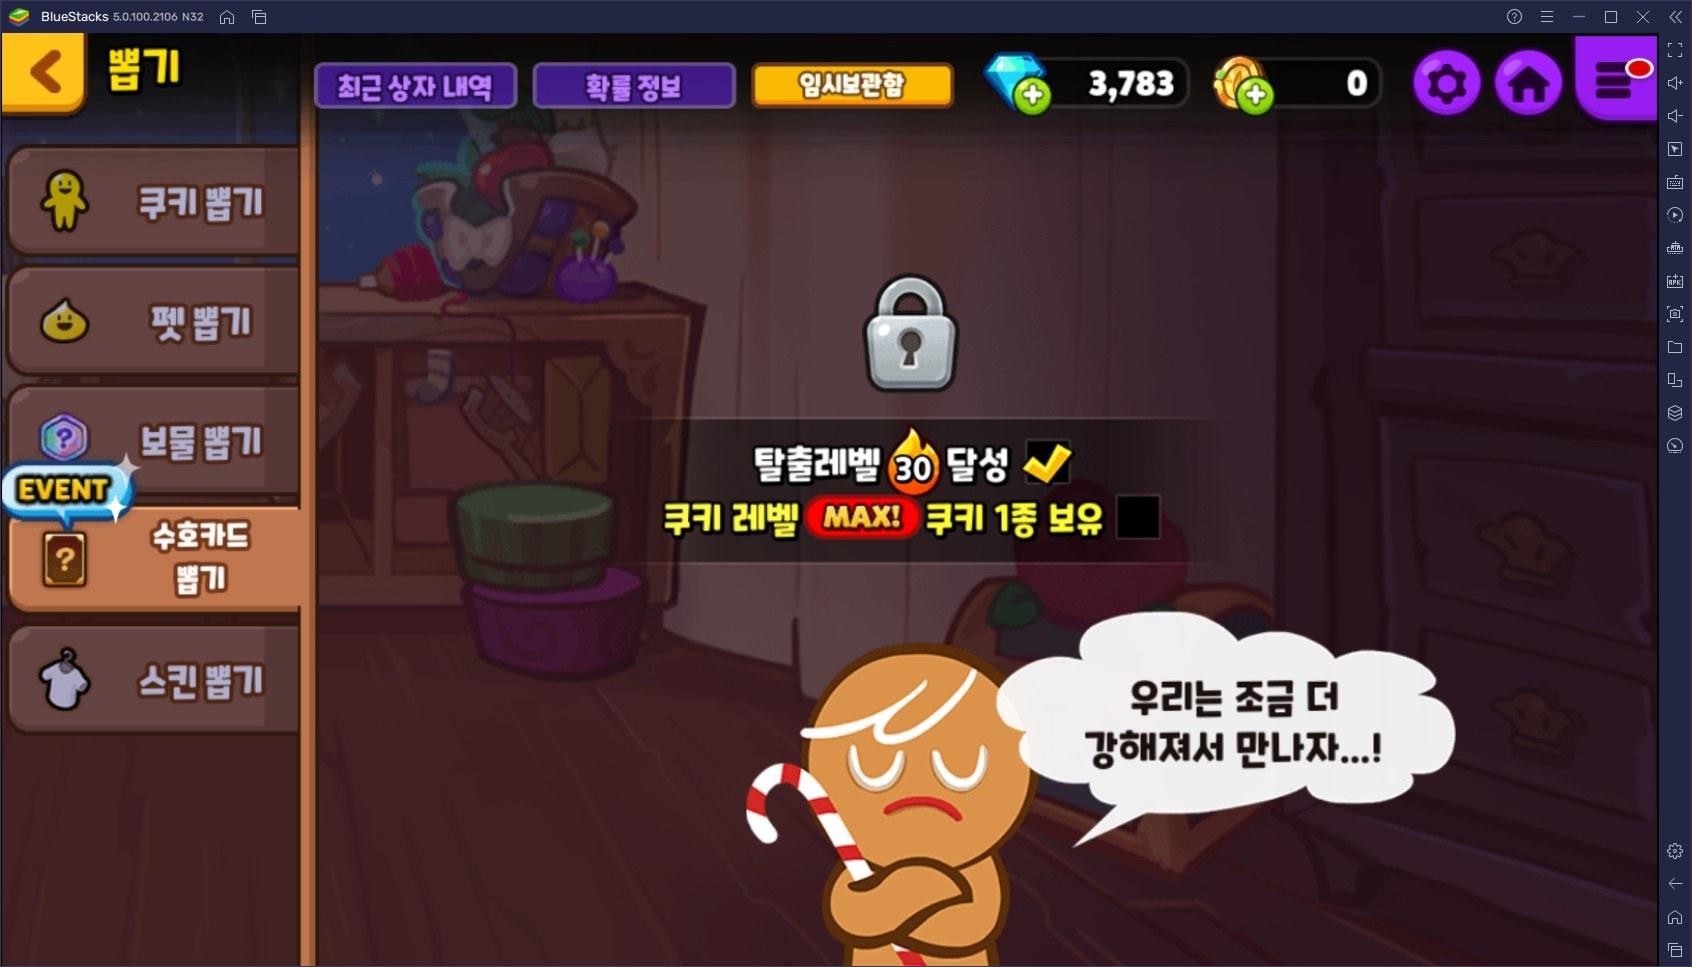 쿠키런: 오븐브레이크 메인 스토리 모드 업데이트, 라일락맛 쿠키와 함께 PC에서 블루스택 앱플레이어로 이야기를 따라가봅시다!